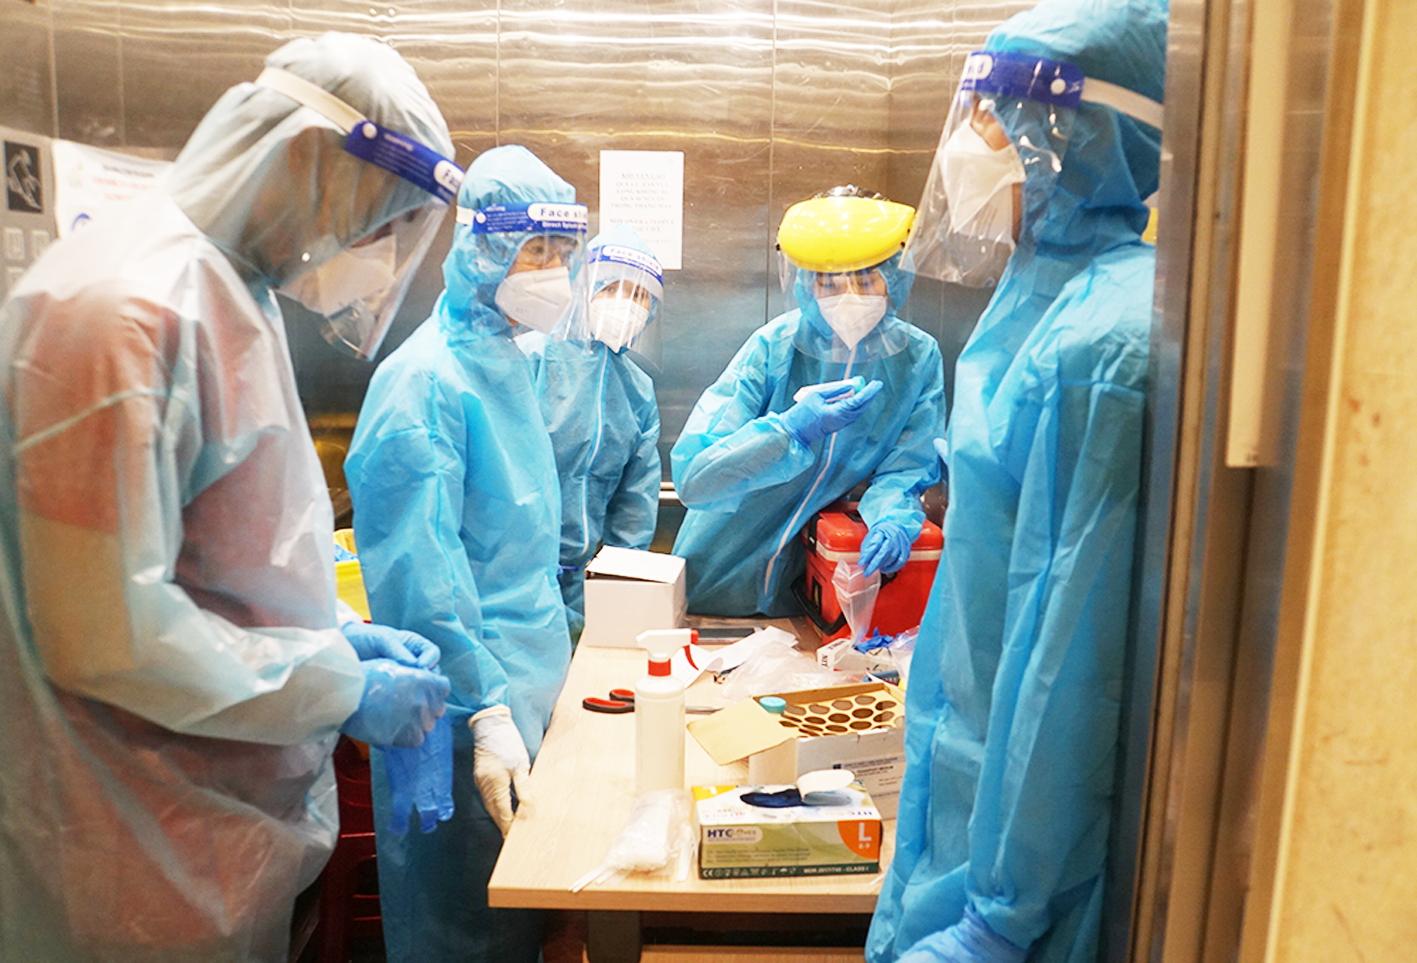 Anh Nguyễn Lê Hoàng (thứ hai từ trái qua) cùng đoàn bác sĩ của Trạm y tế P.1, Q.4 đến từng nhà xét nghiệm COVID-19 ẢNH: PHẠM AN